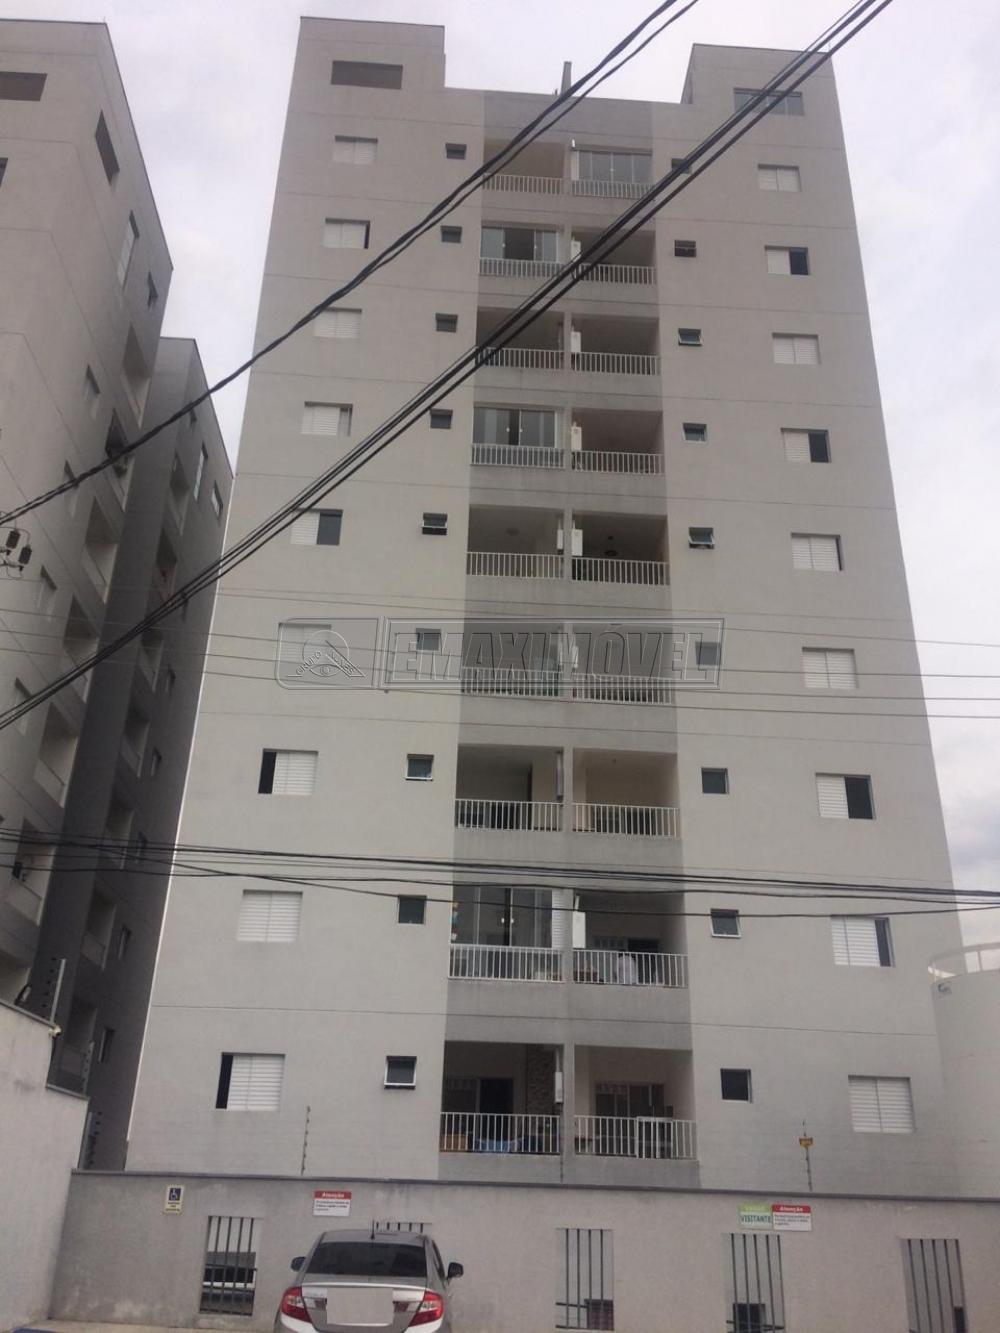 Comprar Apartamento / Padrão em Sorocaba R$ 390.000,00 - Foto 1